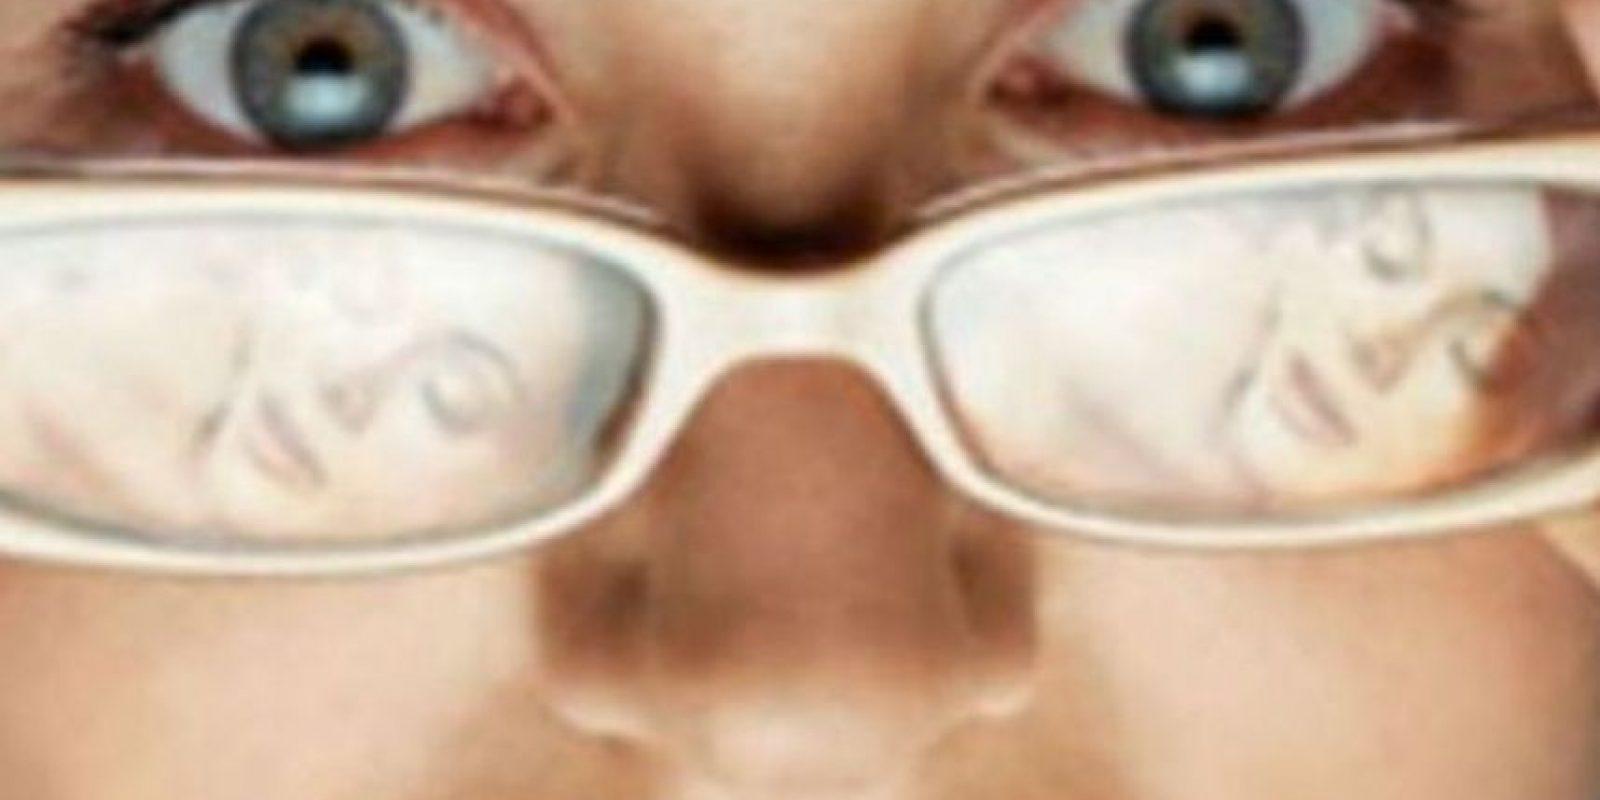 El estudio neurocientífico de la UCLA encontró que cuando a las personas se les muestran imágenes eróticas, las relaciones normales de adicción del cerebro se invierten. Foto:Pinterest